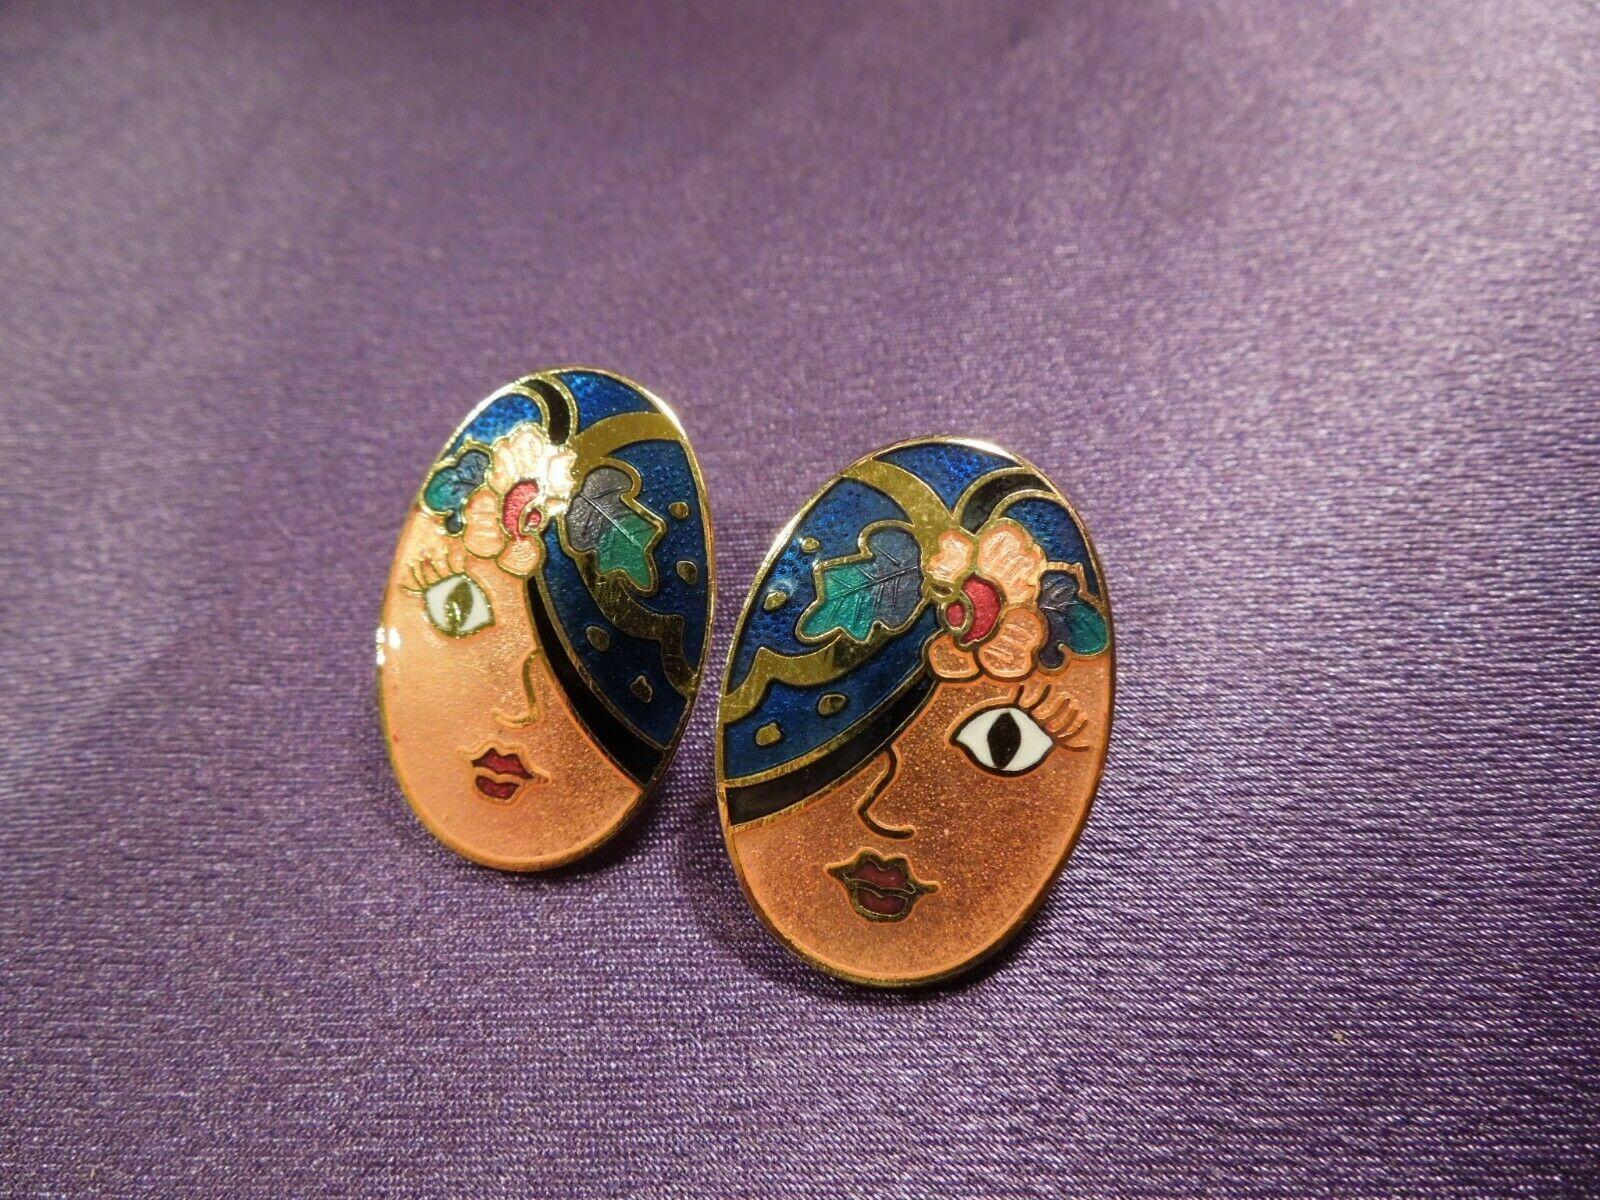 Vintage Enamel Gypsy Fortune Teller Face W/ Scarf Over Eye Oval Stud Earrings image 2